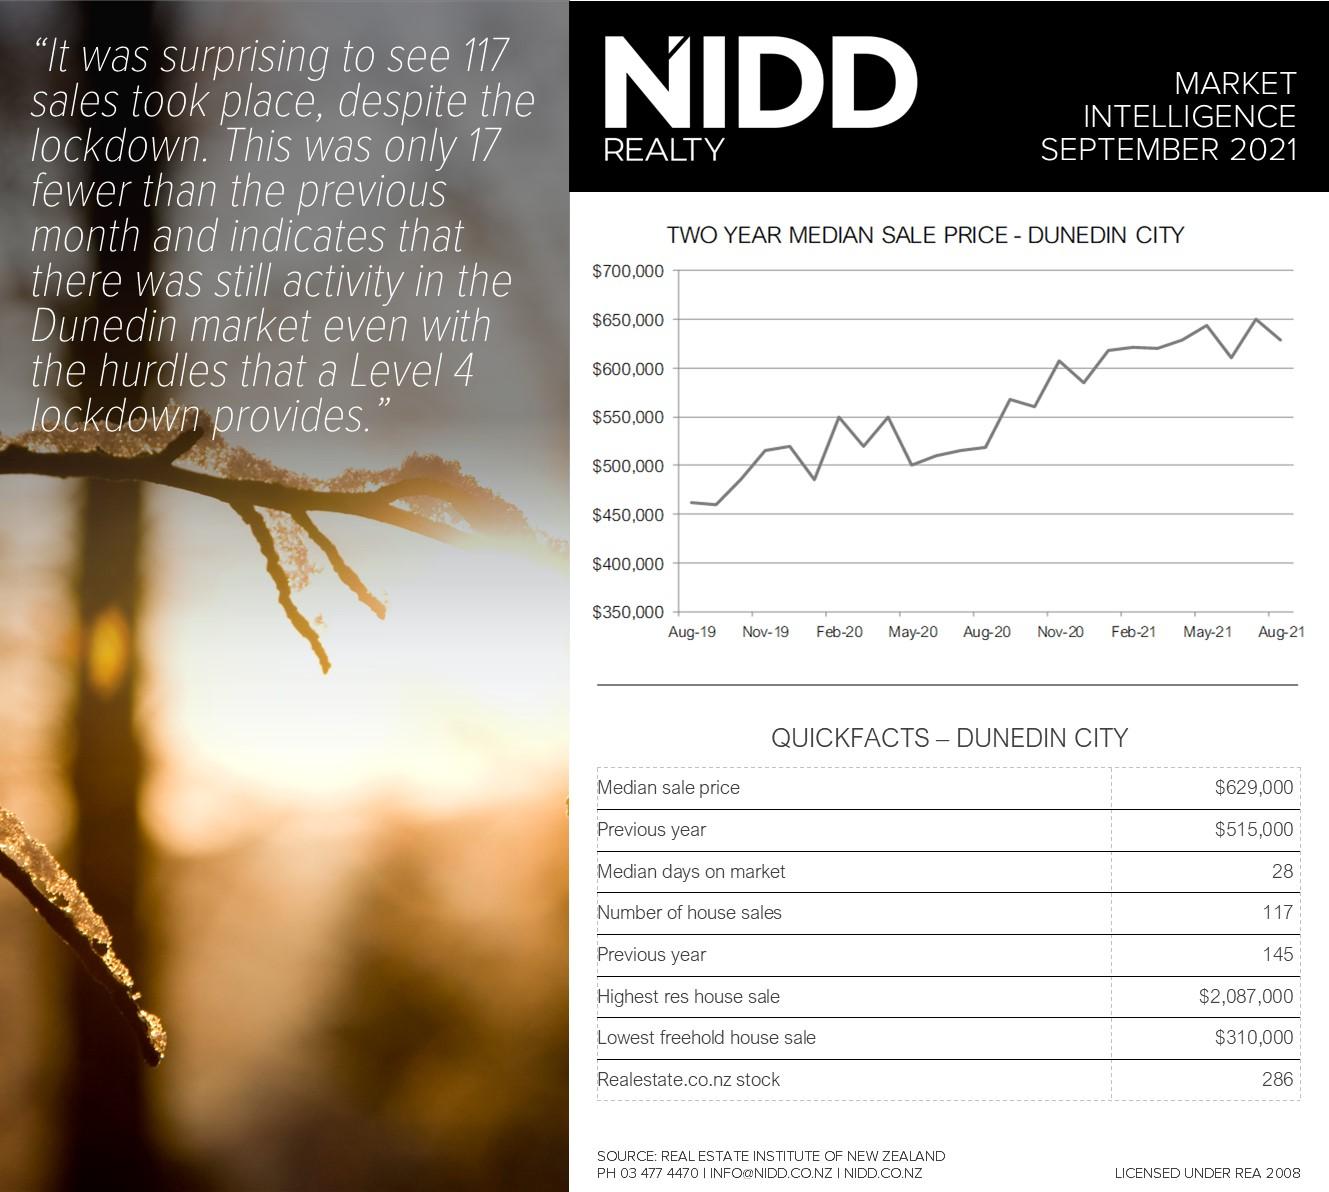 September 2021 Market Intelligence - Infographic